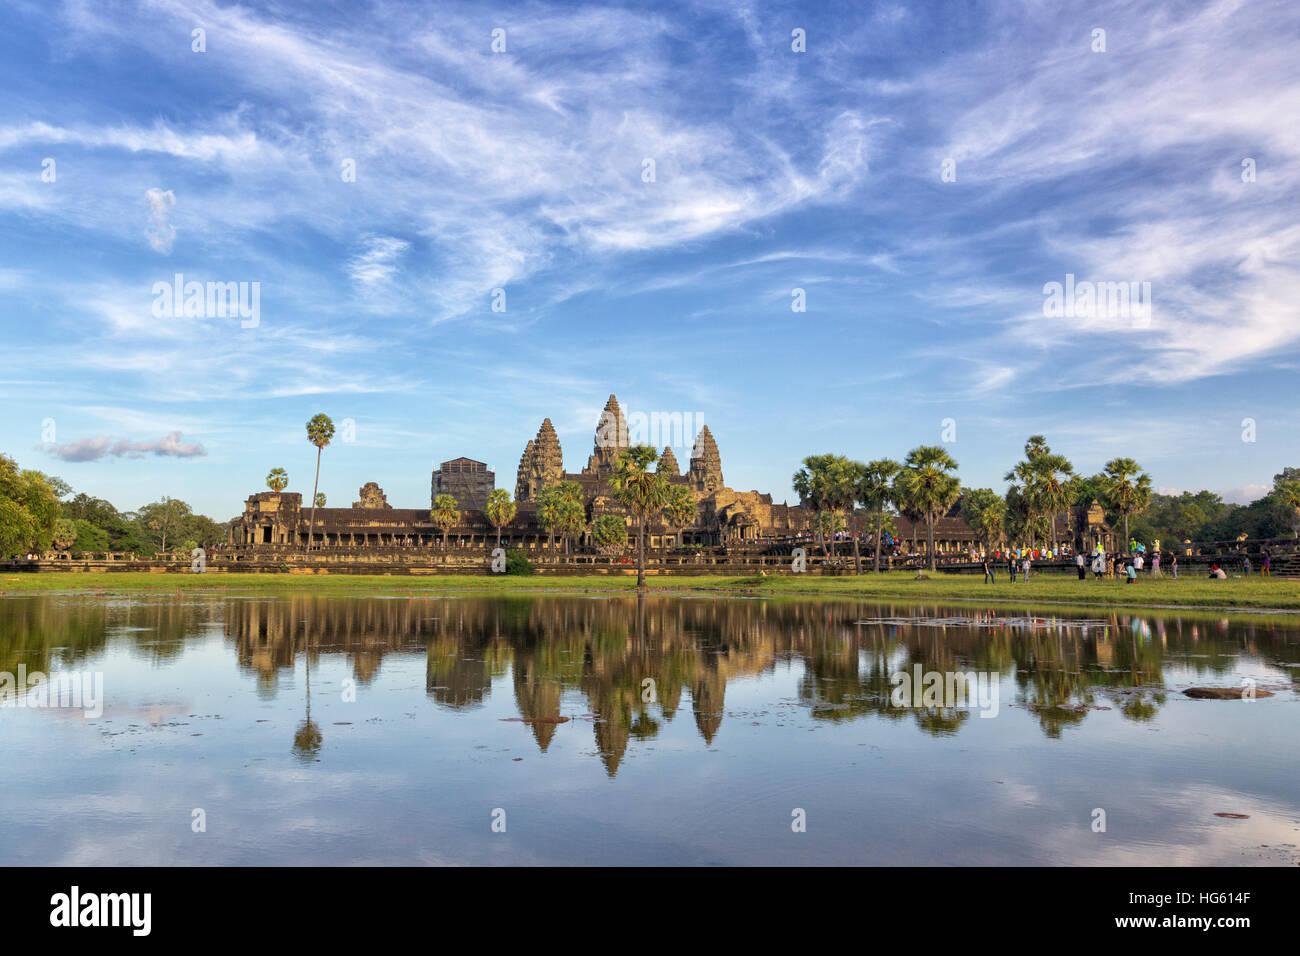 Vue du Cambodge Angkor Wat avec reflet dans l'eau sur le coucher du soleil. Siem Reap, Cambodge Photo Stock